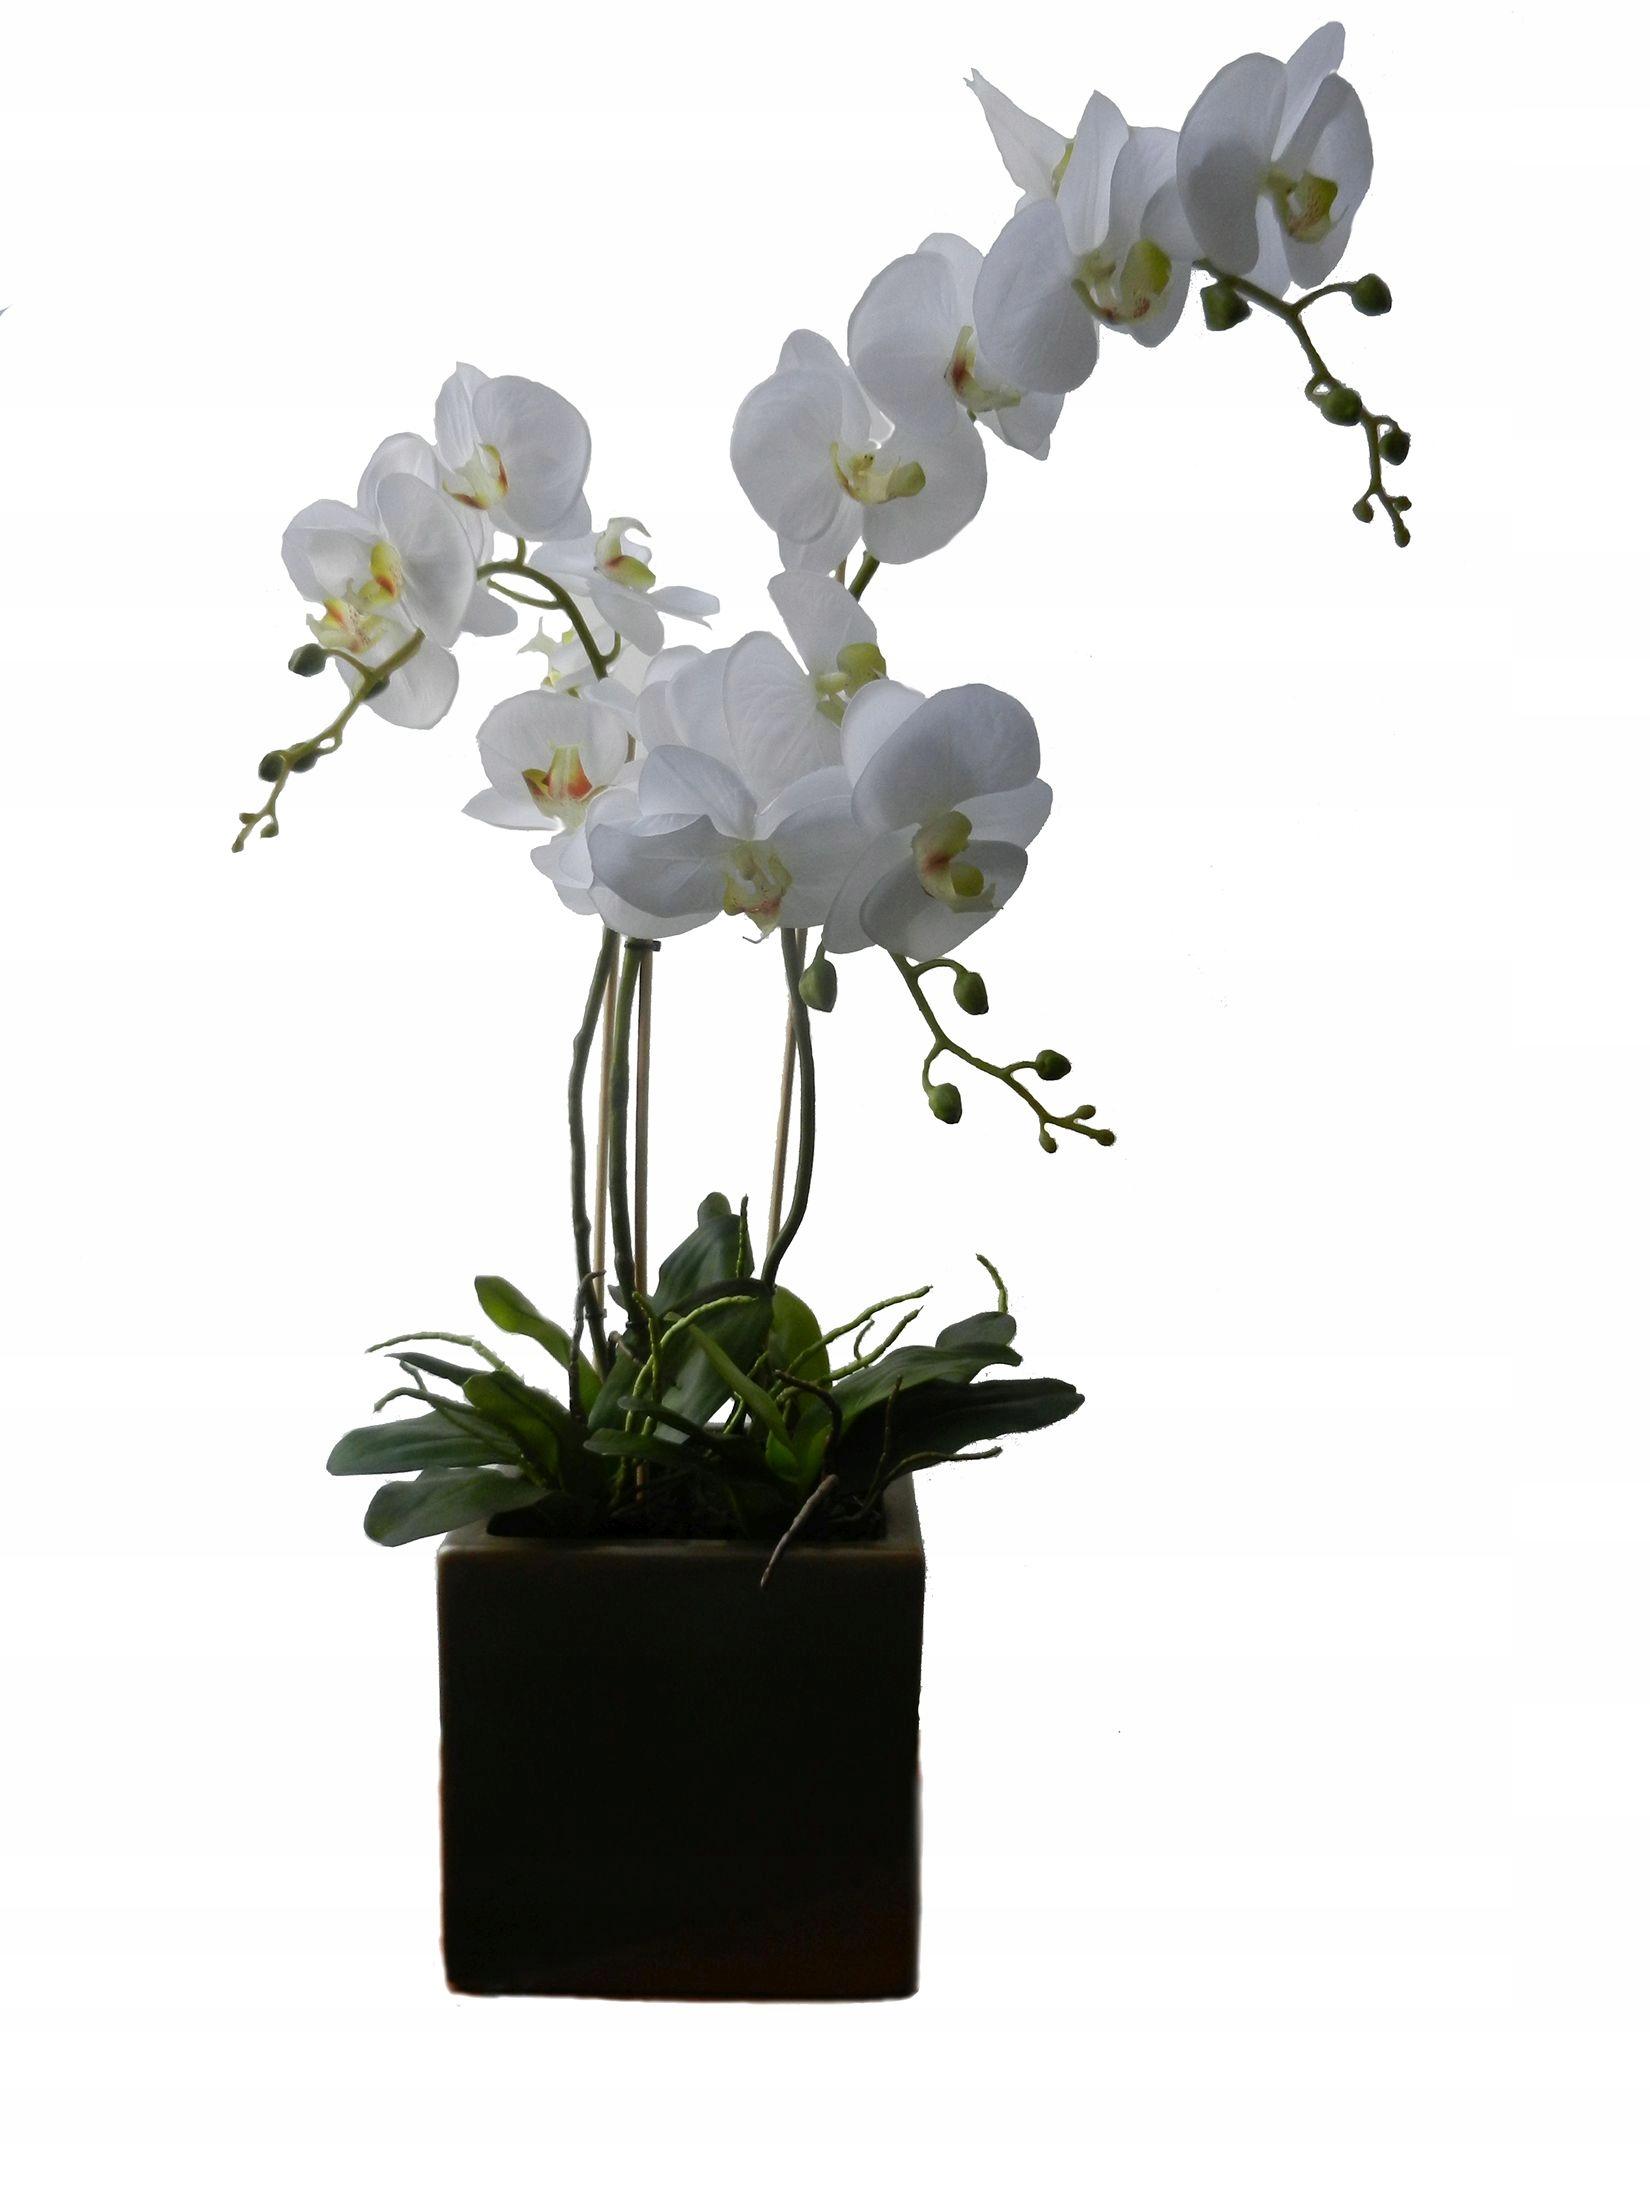 ORCHIDEA kvetináče exkluzívne umelé kvety ARTROS